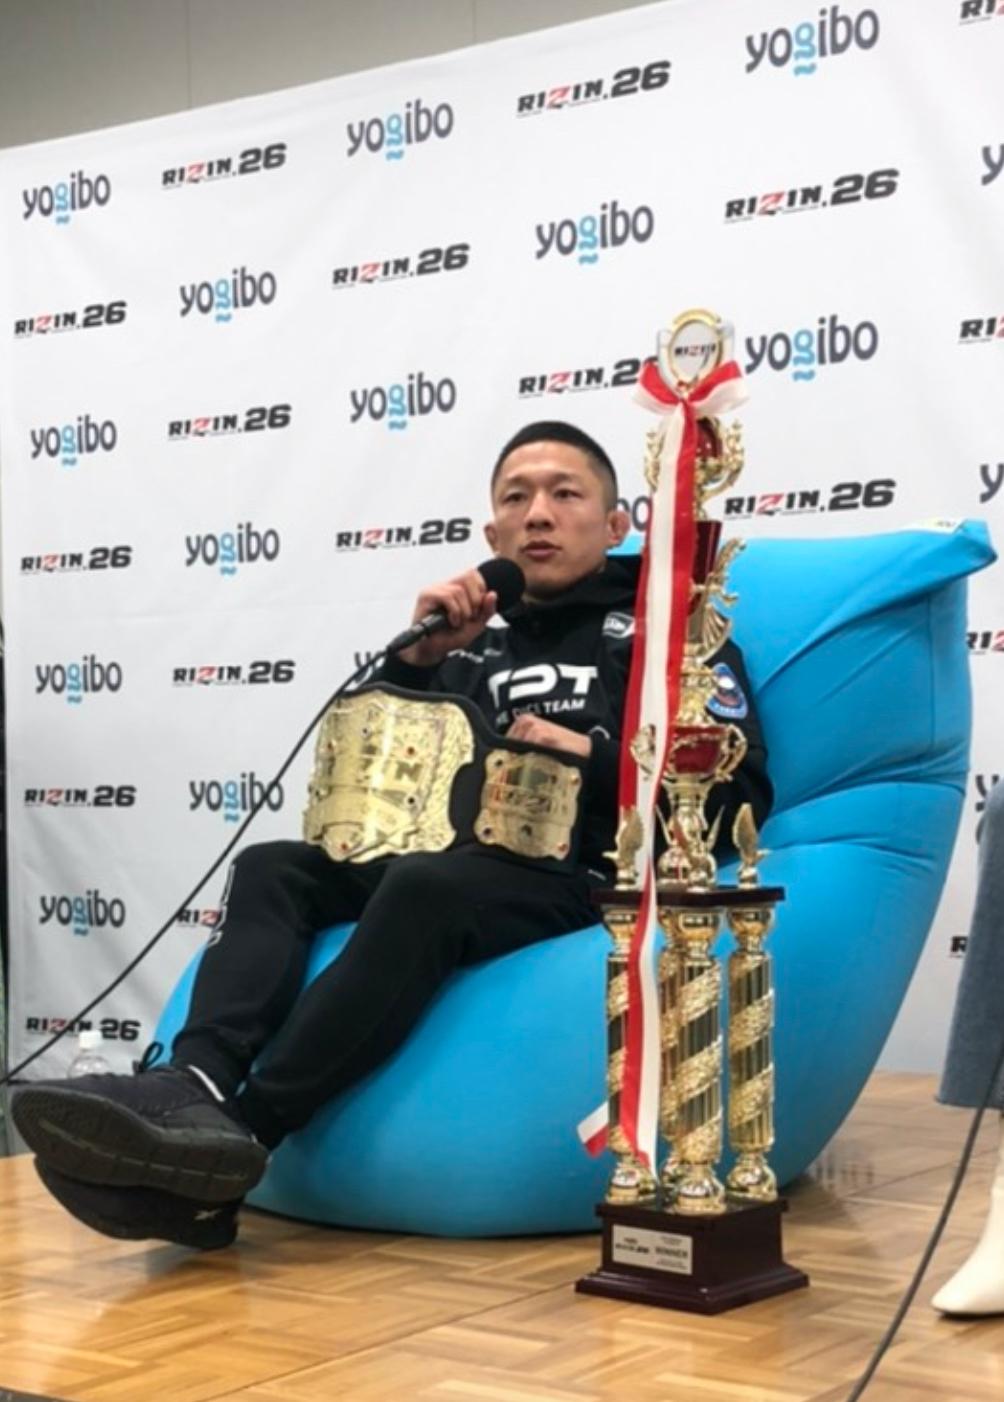 【公式】実使用・選手直筆サイン入「勝利インタビュー時に座っていた全勝利選手の直筆サイン入Yogibo Max」